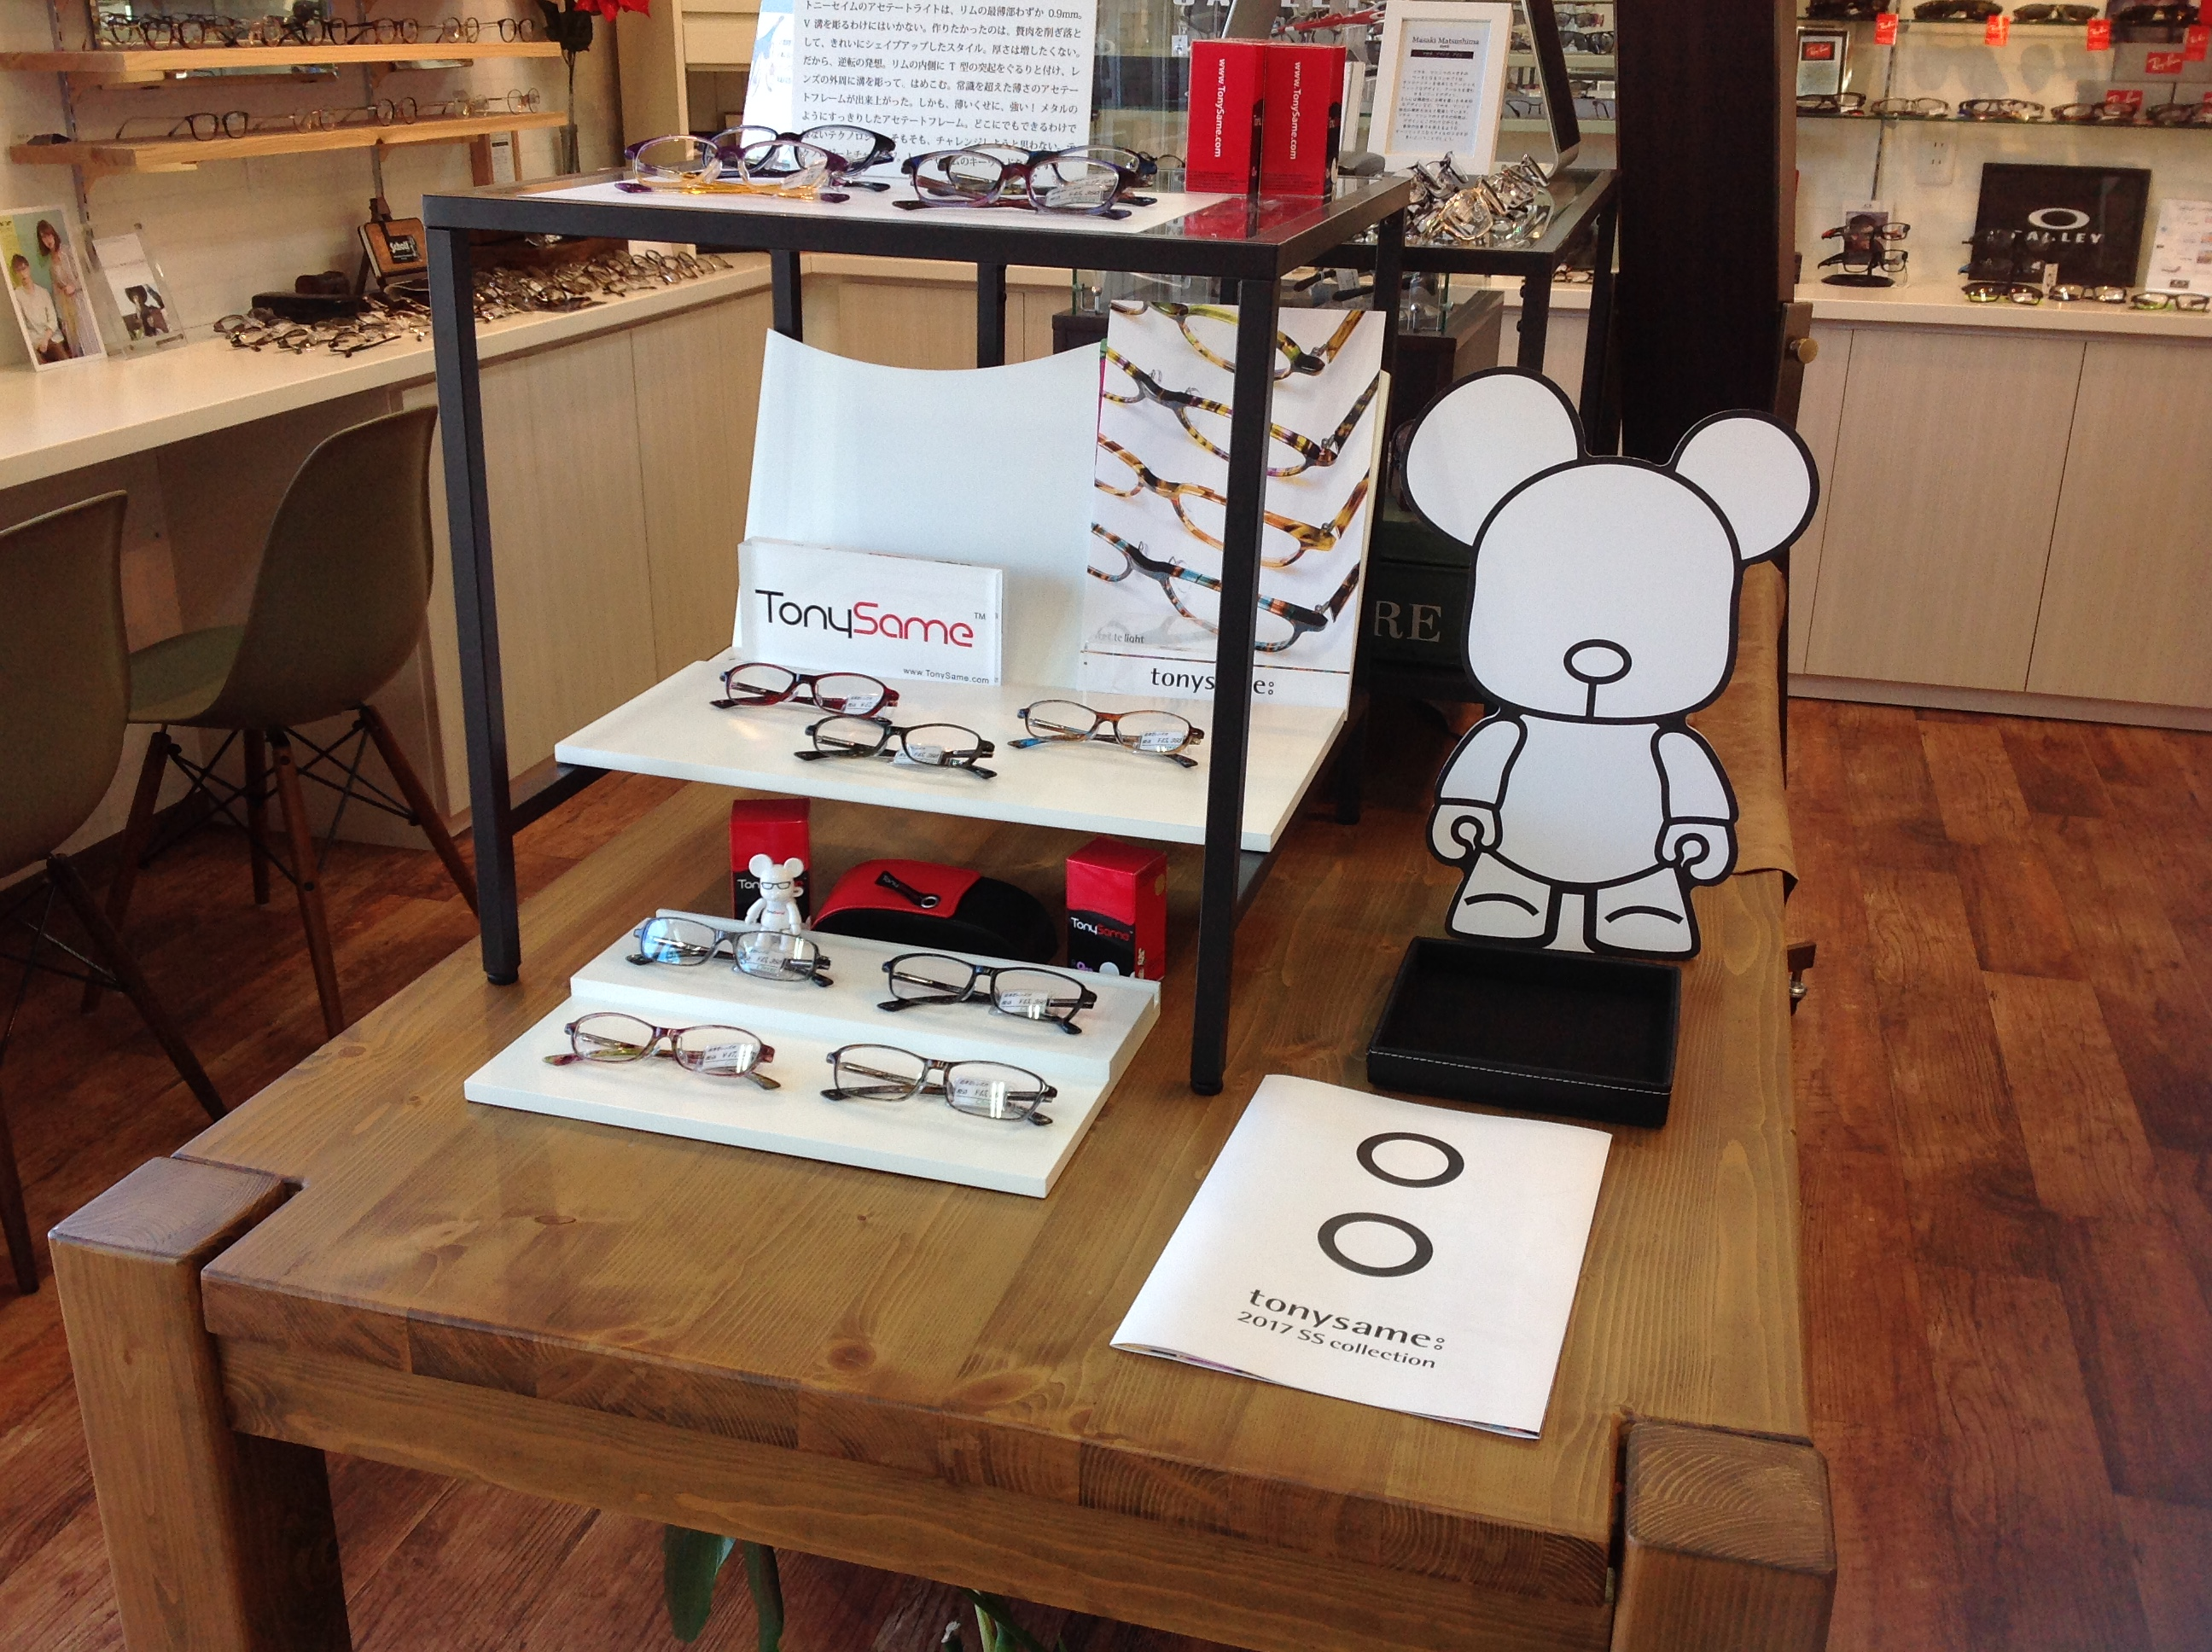 新潟市中央区のメガネ店へGoogleストリートビュー/インドアビューの撮影